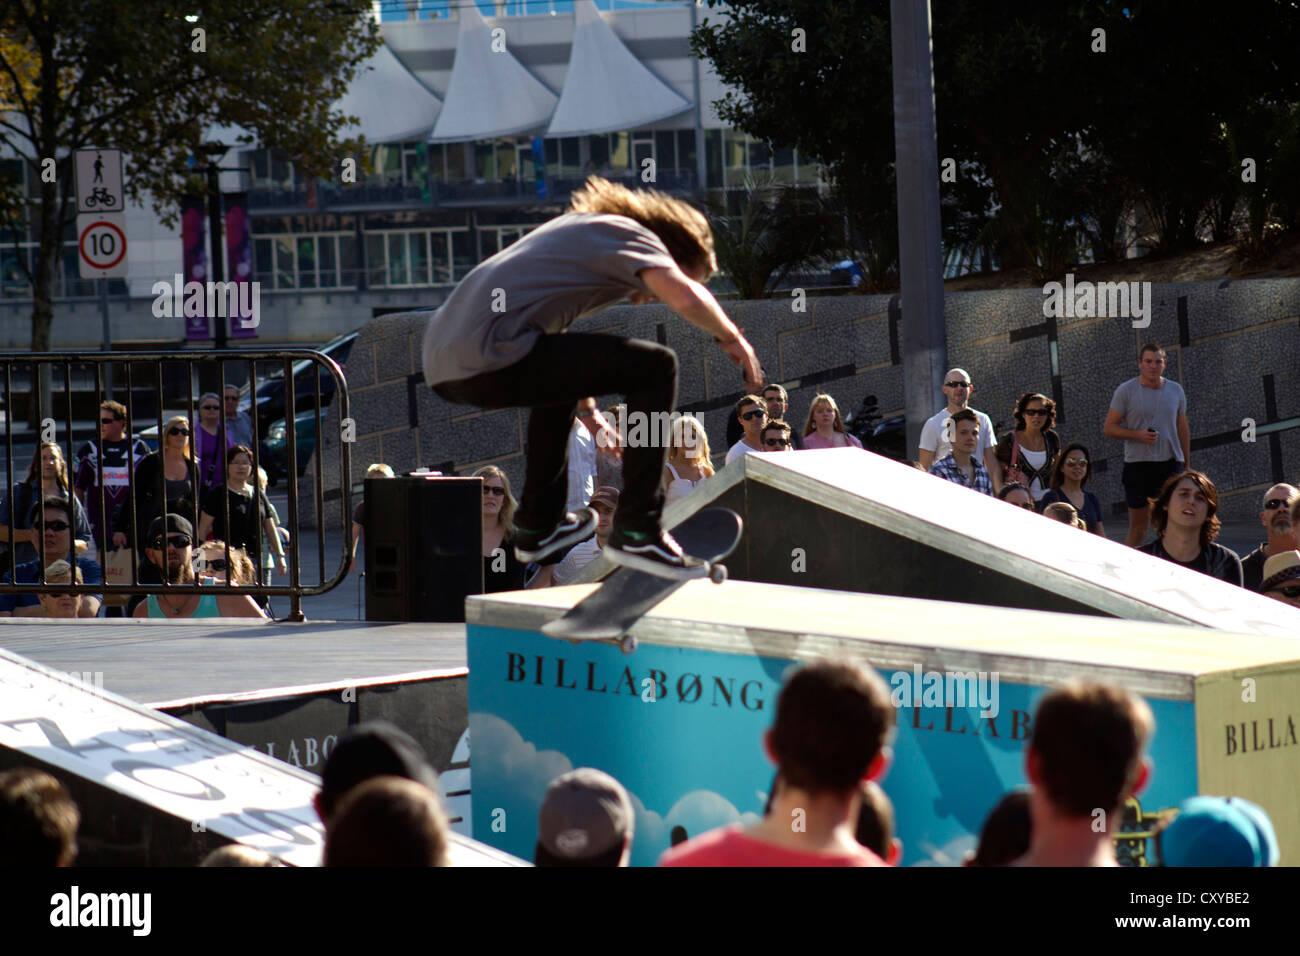 Billabong skate boarding championships Melbourne 2012 - Stock Image